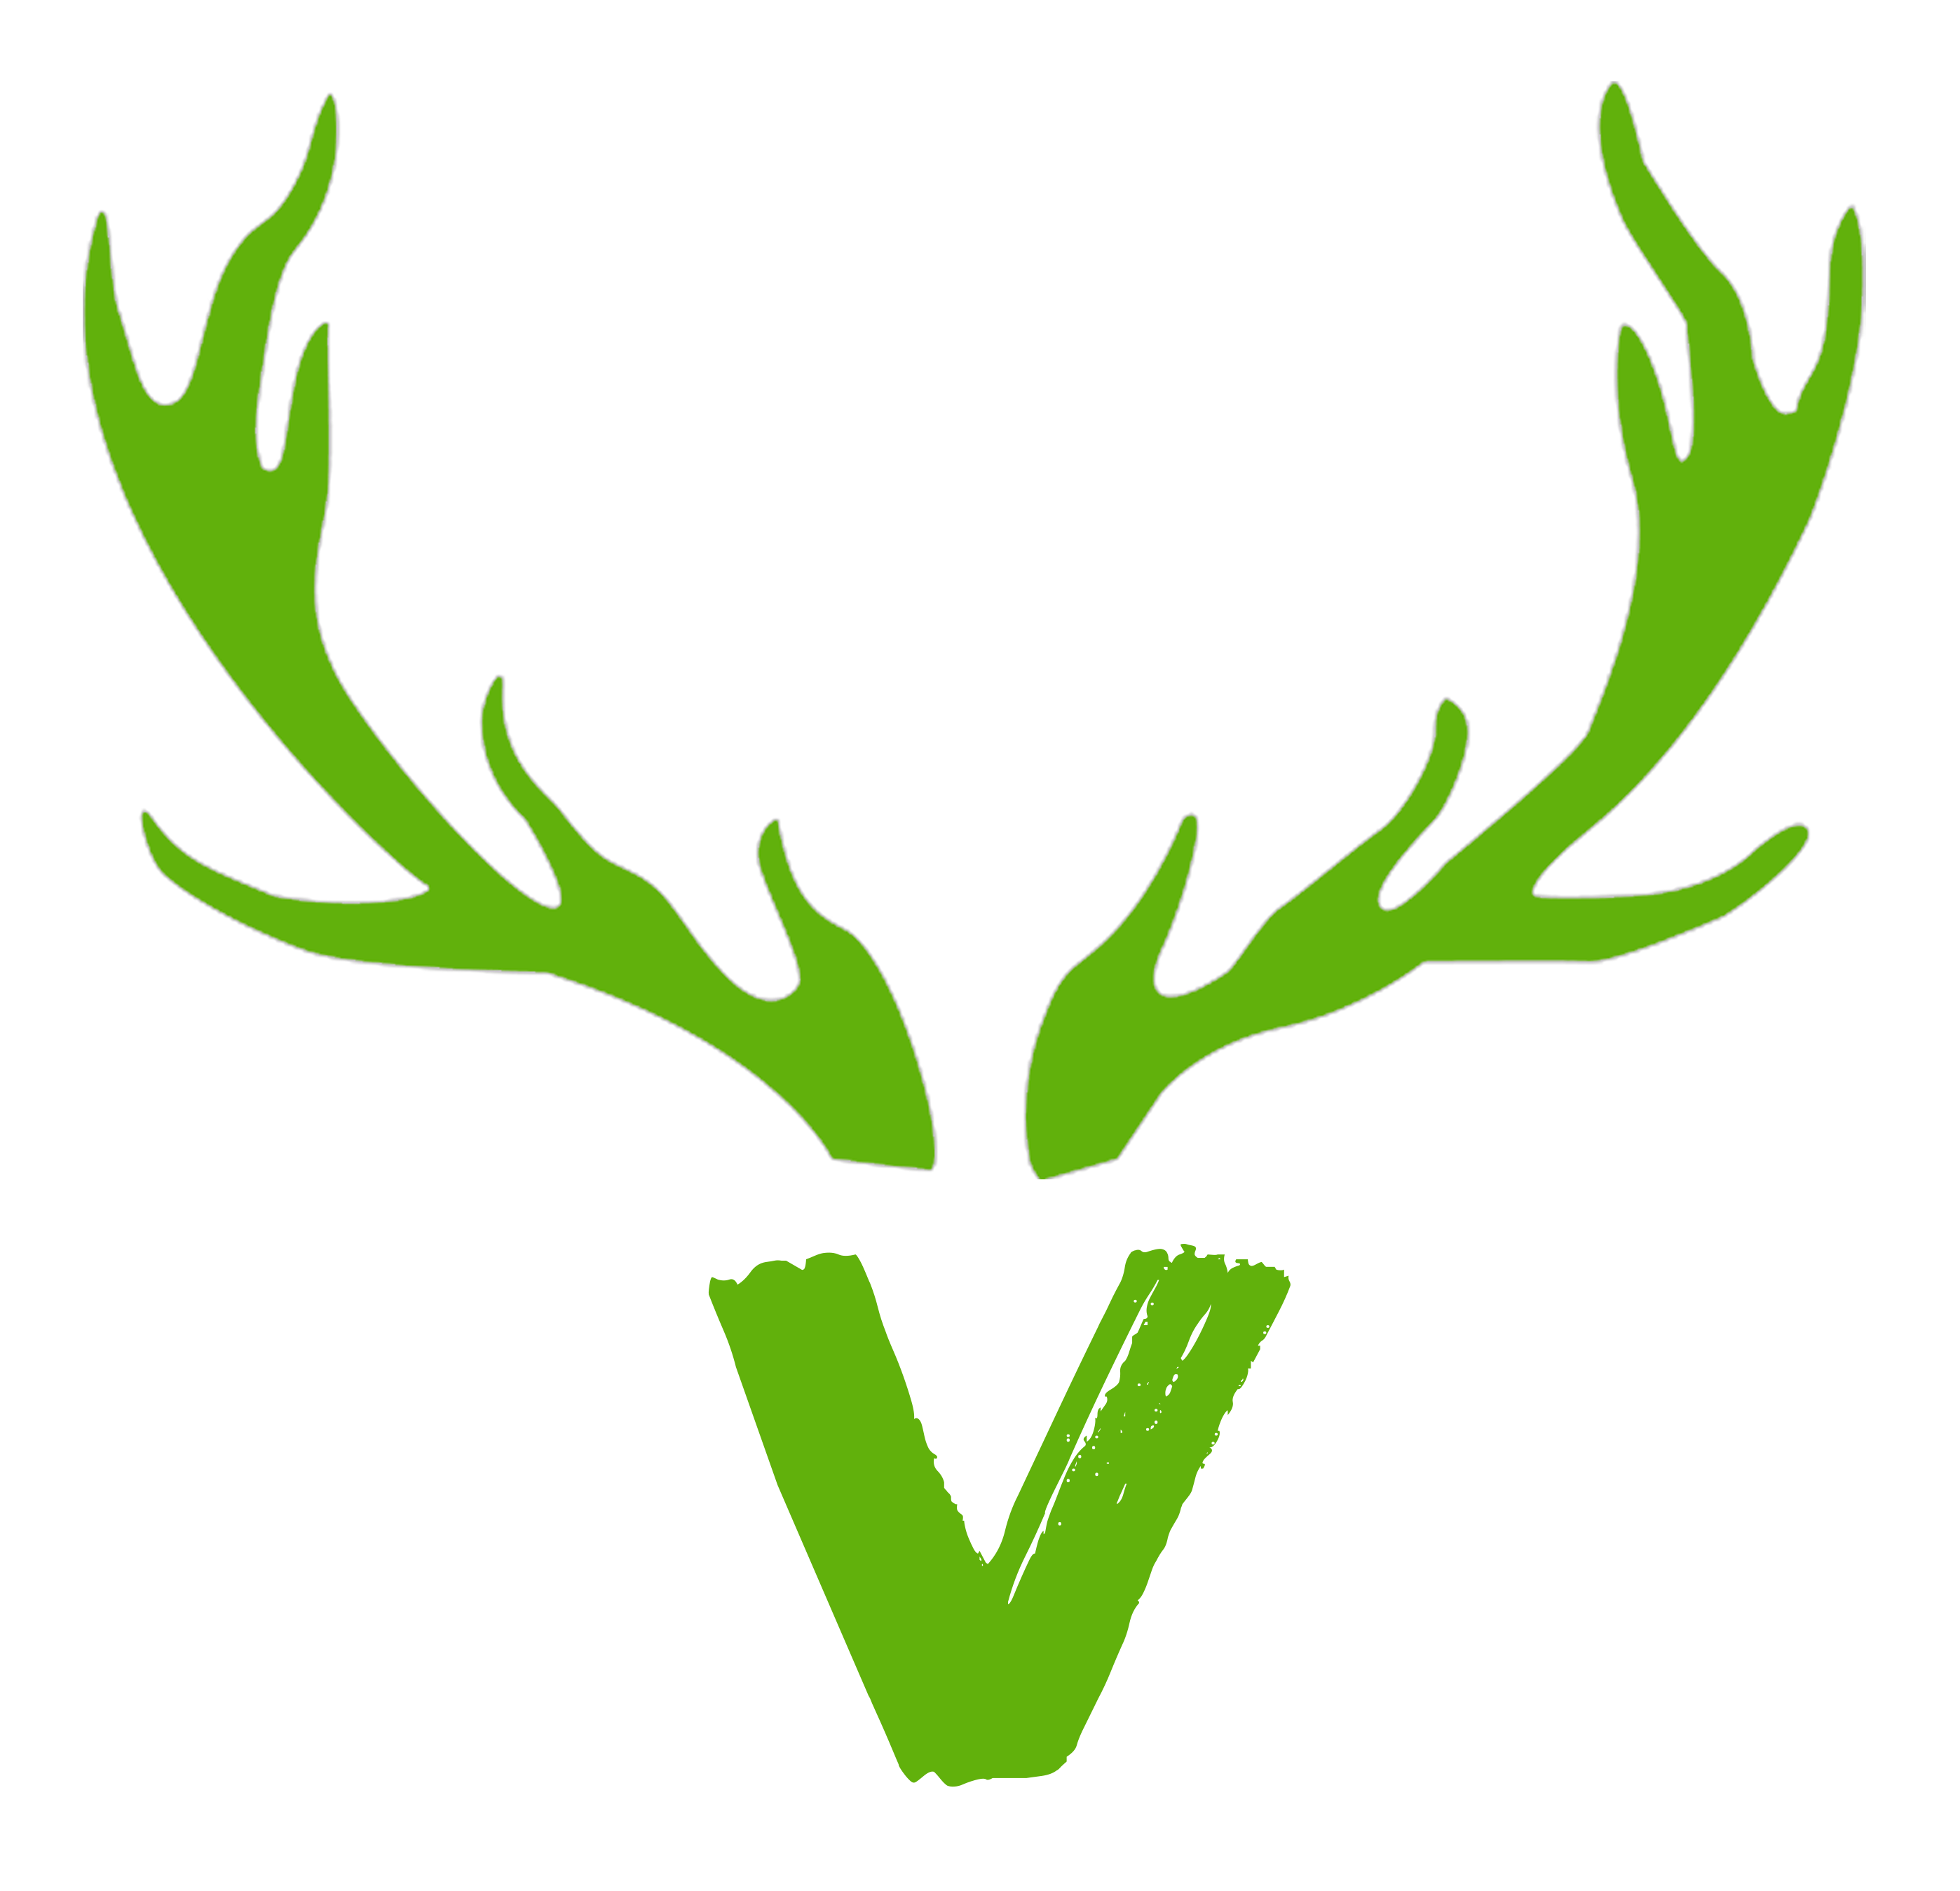 logo-cierva-verde.png